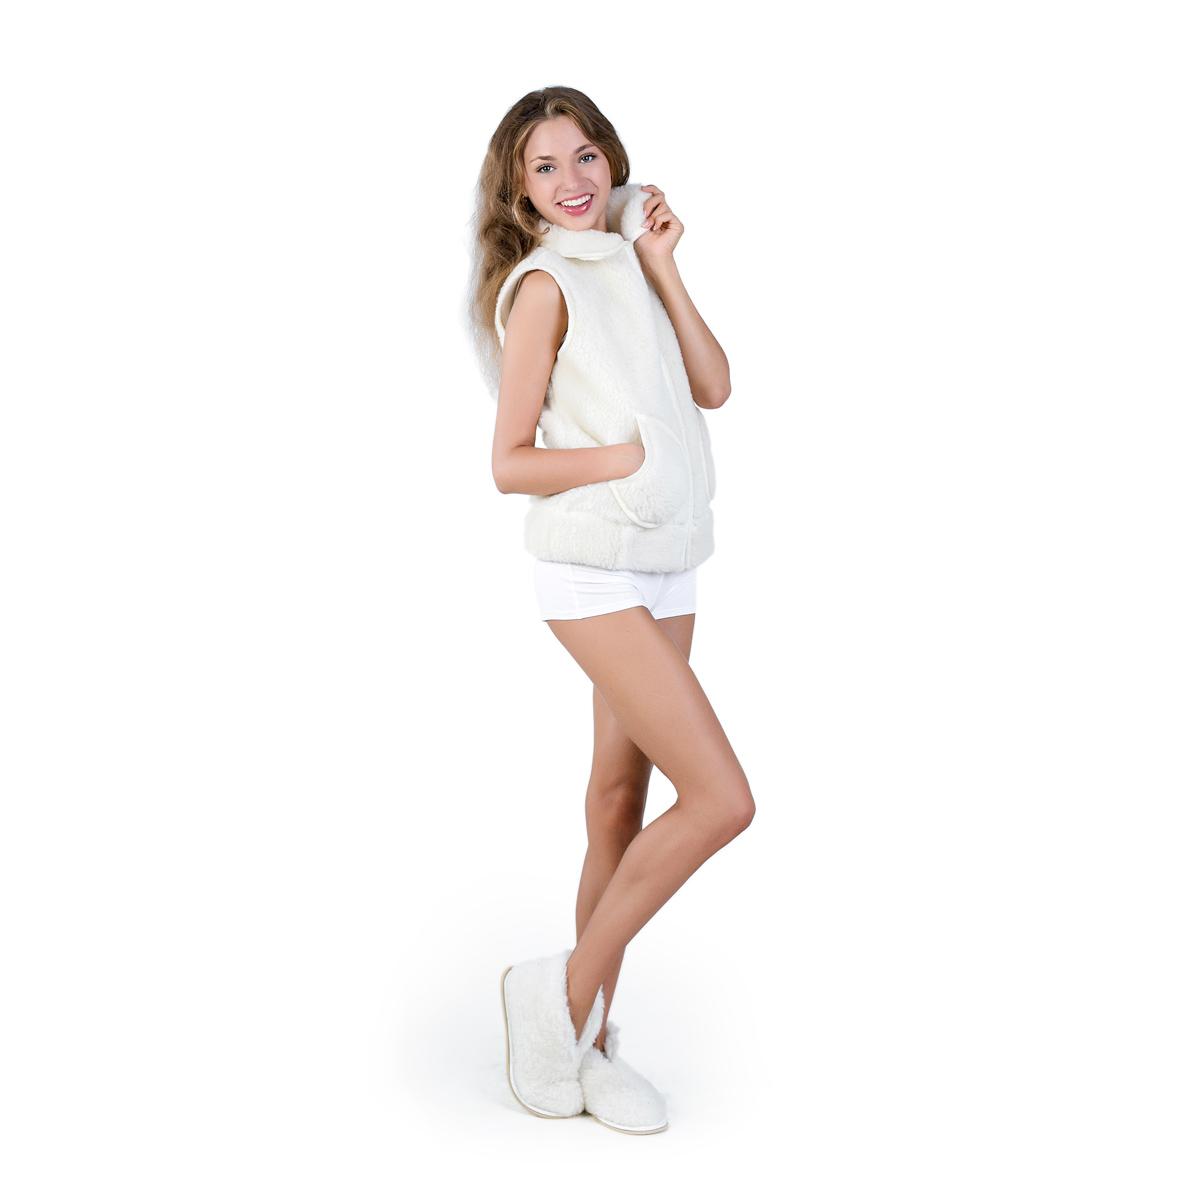 Жен. жилет Модный Абстракция р. 54Согревающий<br>Обхват груди: 108 см <br>Обхват талии: 90 см <br>Обхват бедер: 116 см <br>Длина по спинке: 62 см <br>Рост: 164-170 см<br><br>Тип: Жен. жилет<br>Размер: 54<br>Материал: Овечья шерсть